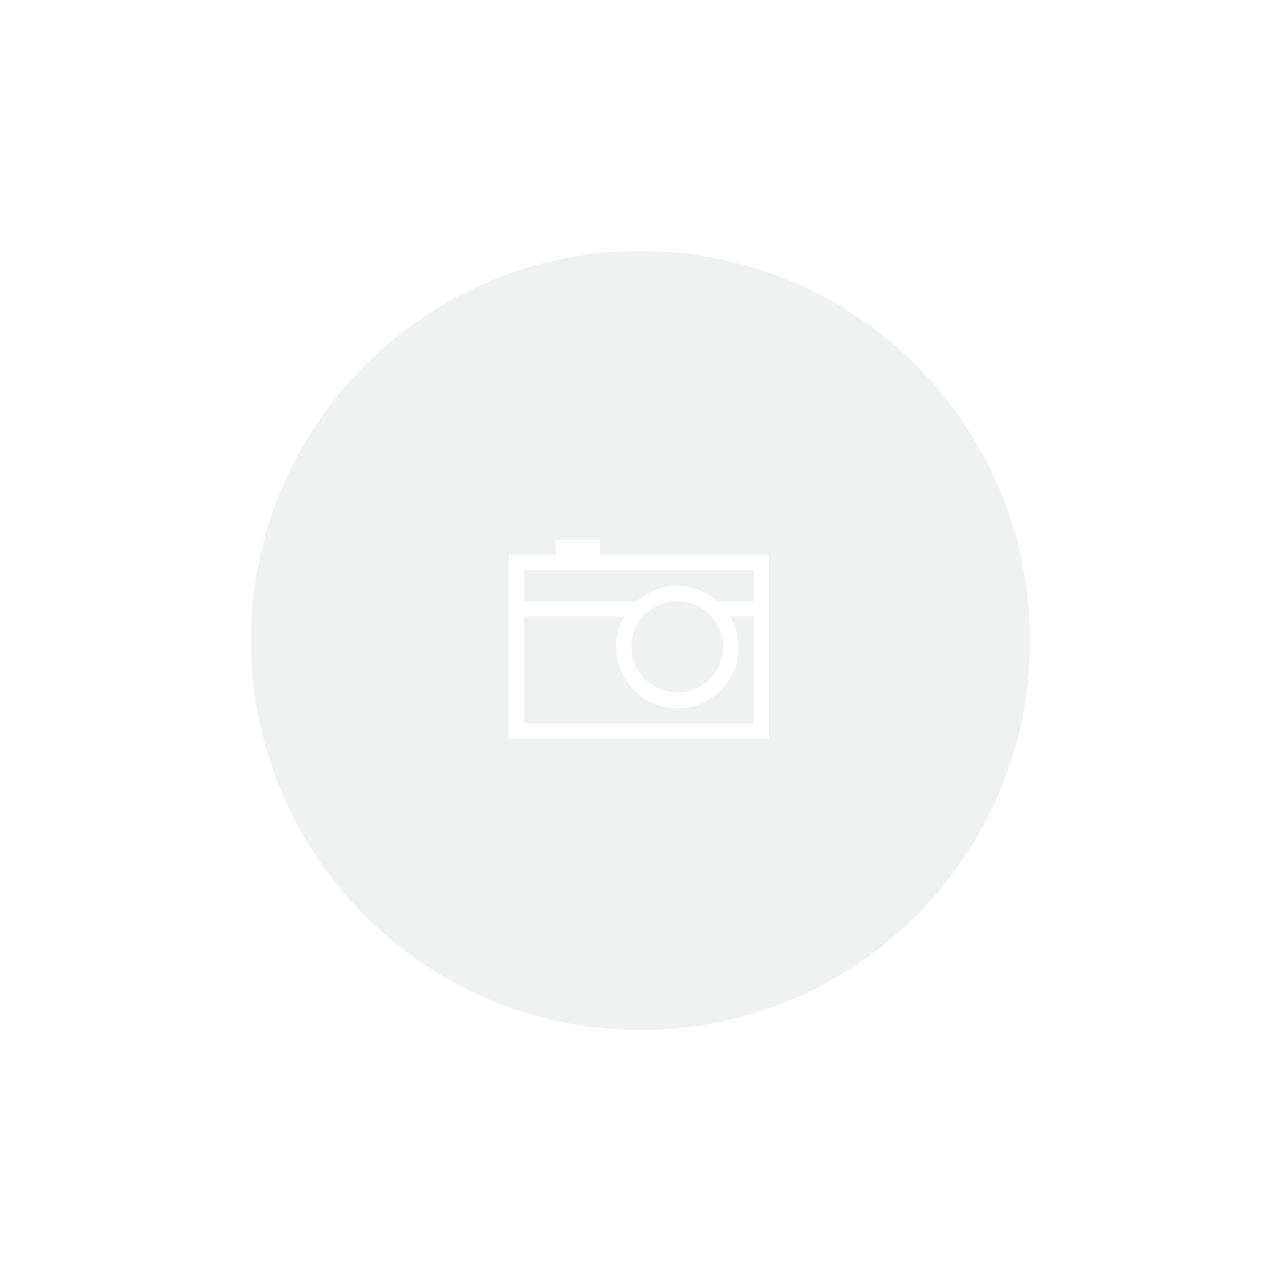 Kit Intermediário BMW / MINI - (2009 à 2012) - Desbloqueio do DVD Original + Câmera de Ré + Espelhamento